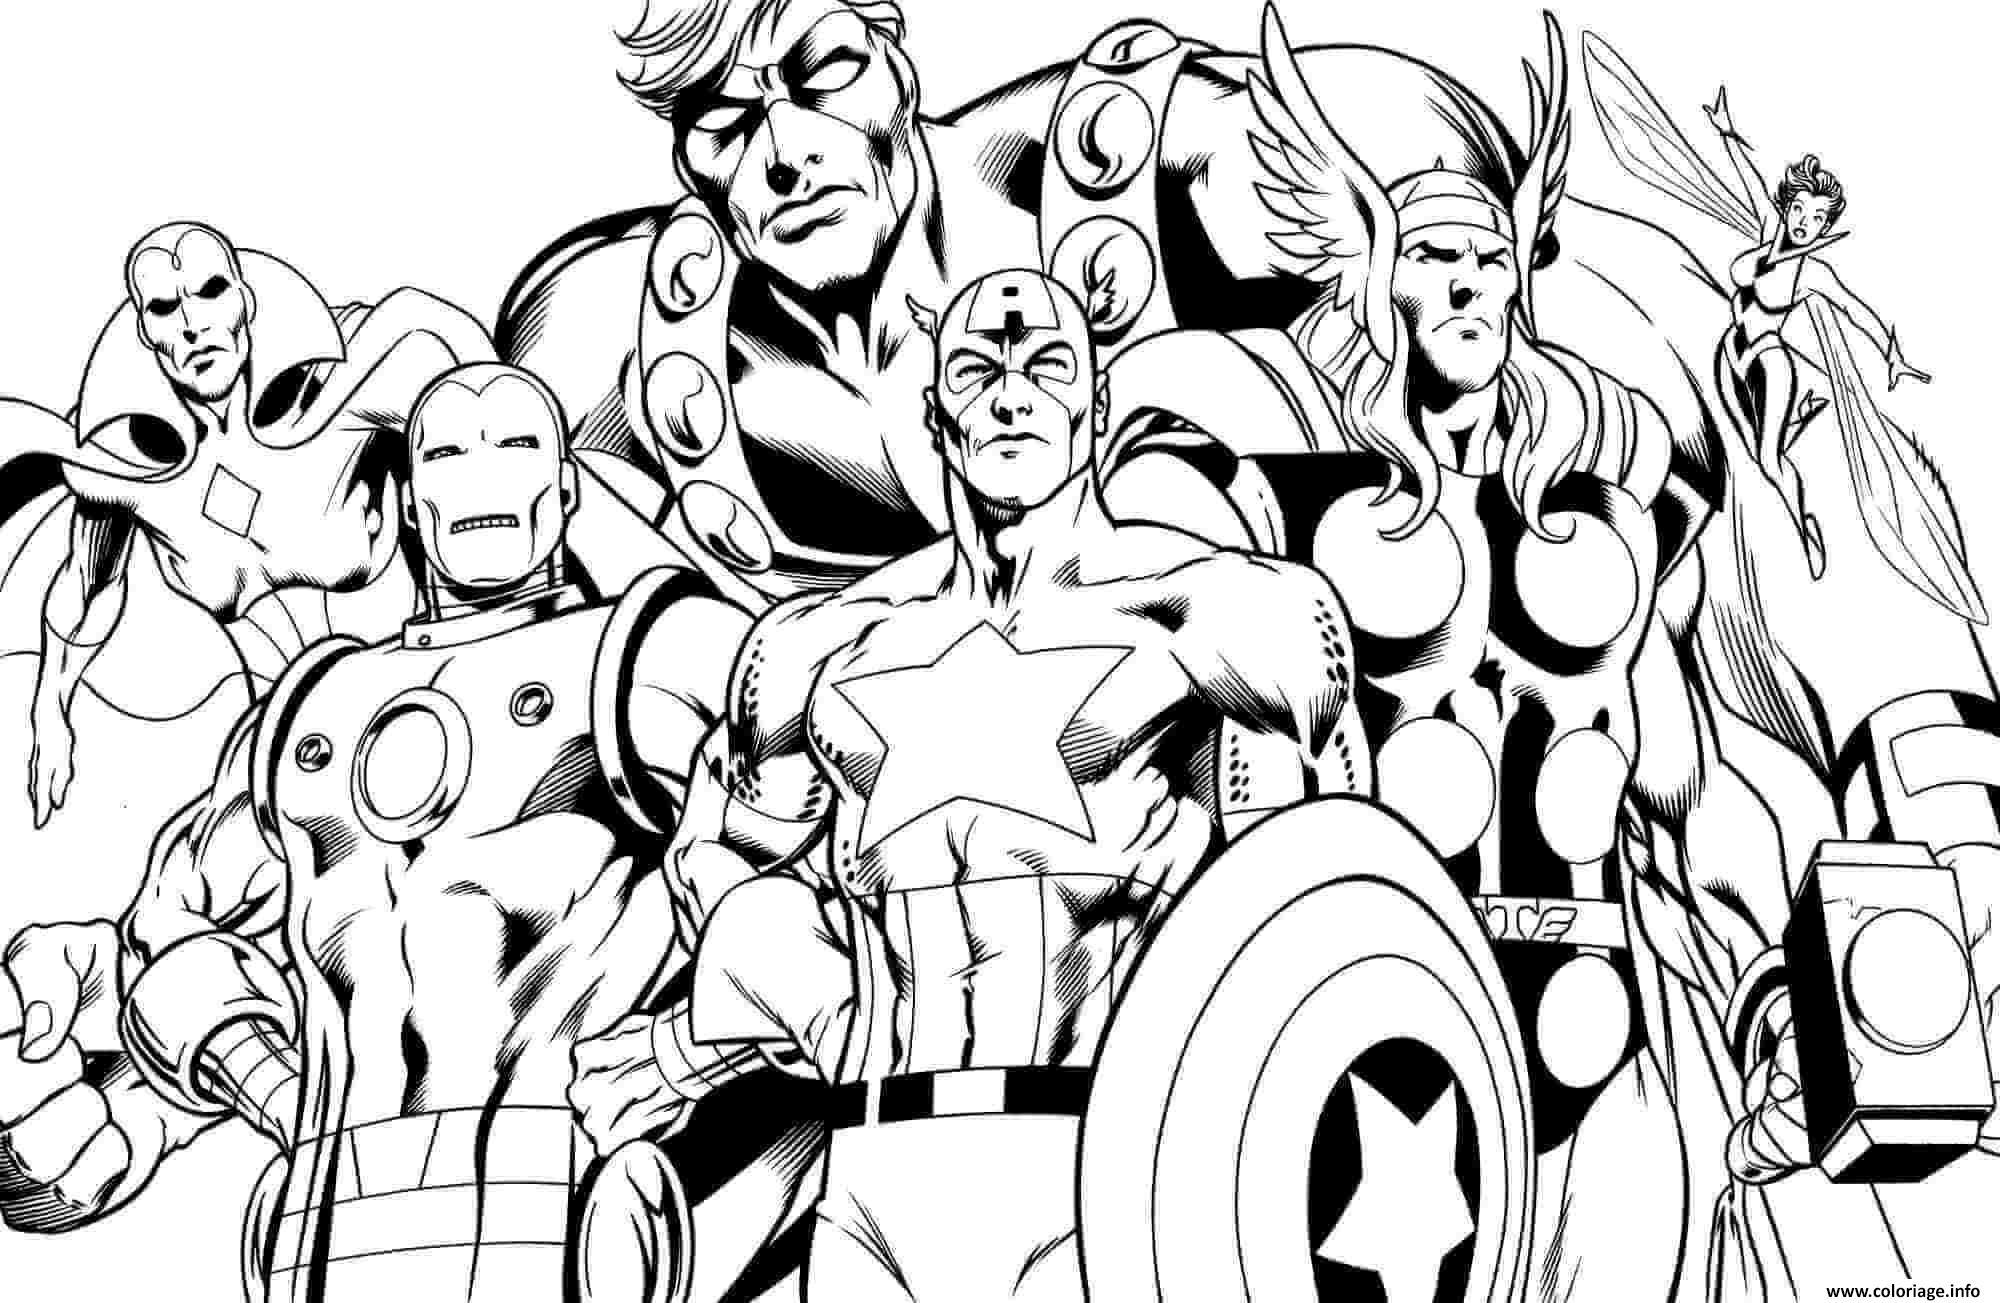 Dessin superhero avengers sheets little kids Coloriage Gratuit à Imprimer